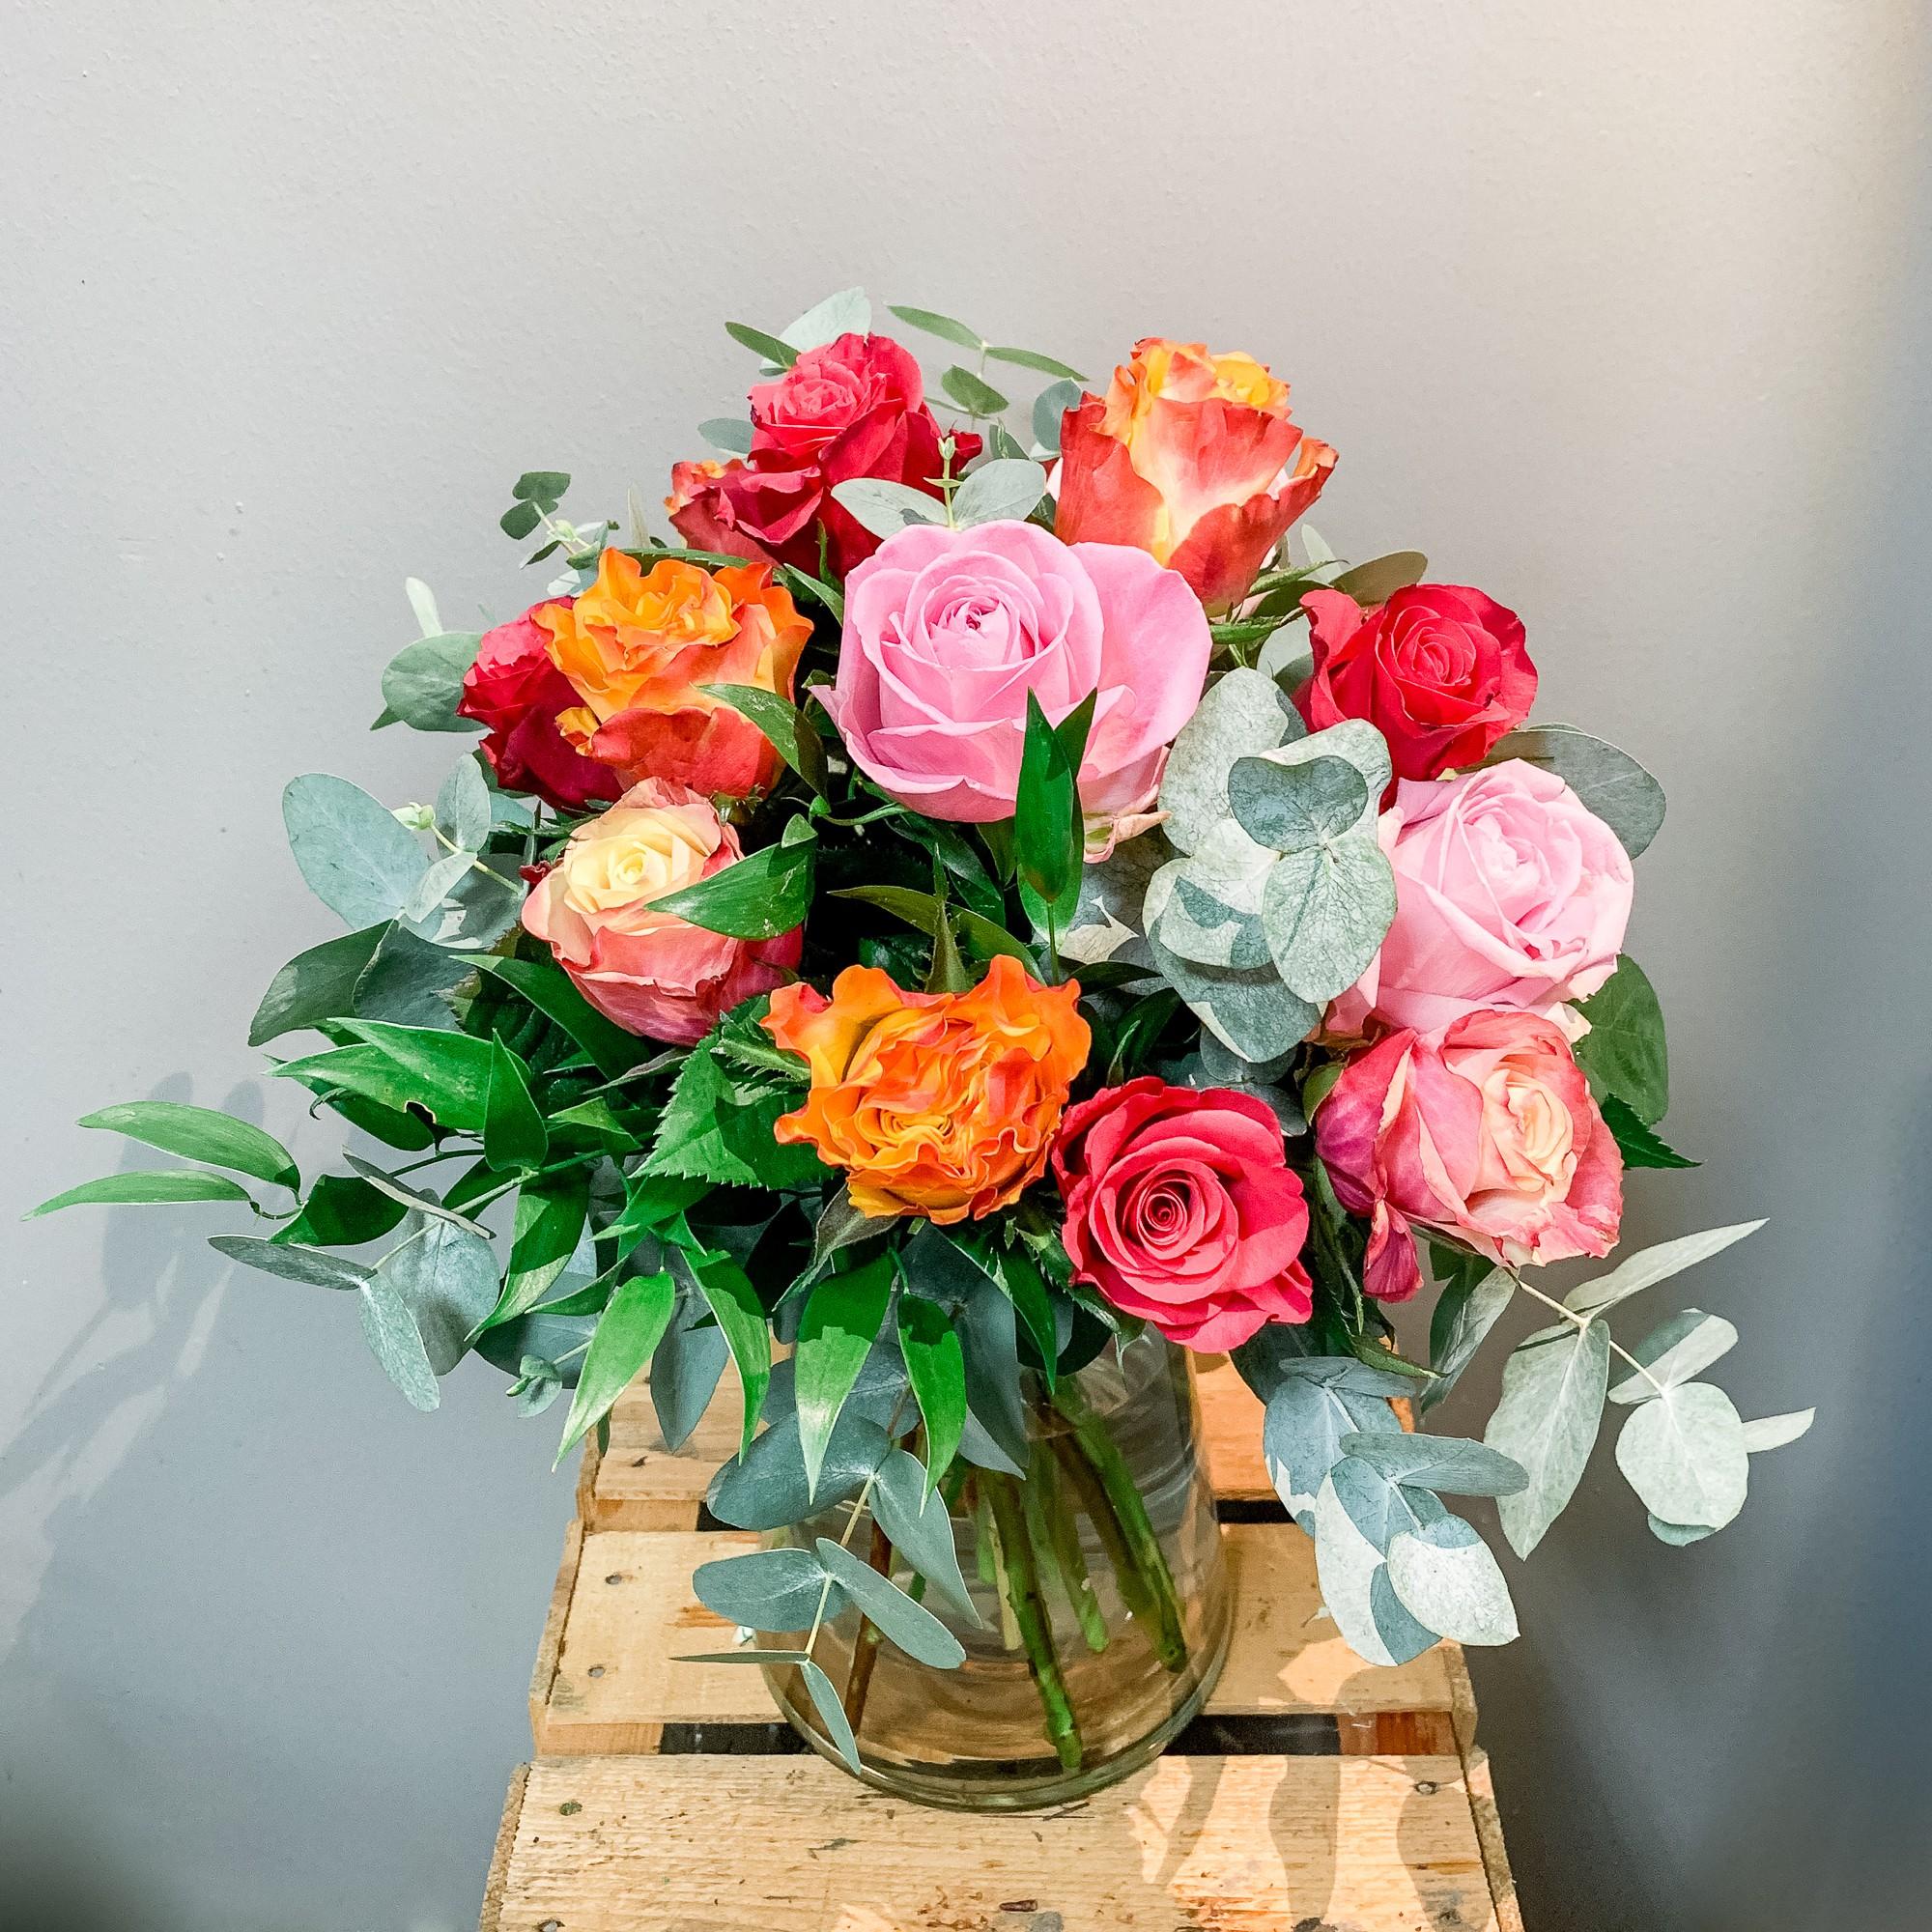 Rosen Strauß Bild 1